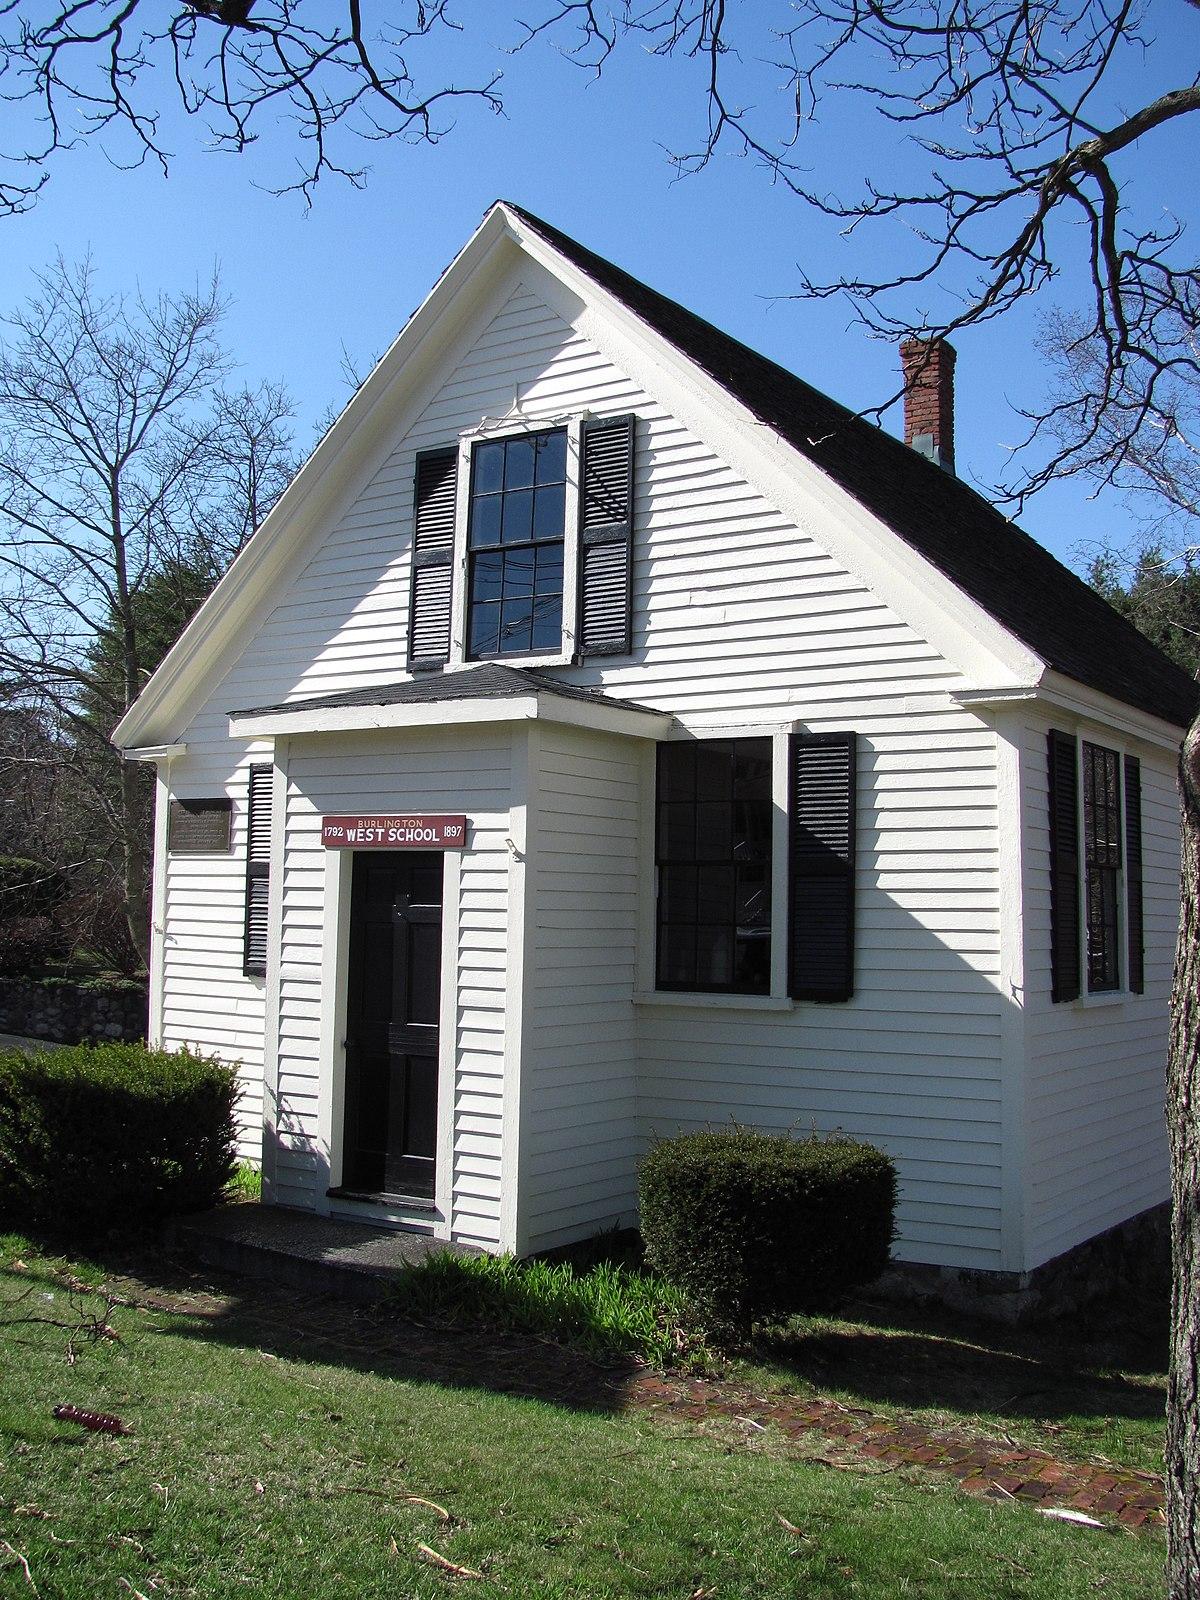 West School Burlington Massachusetts  Wikipedia